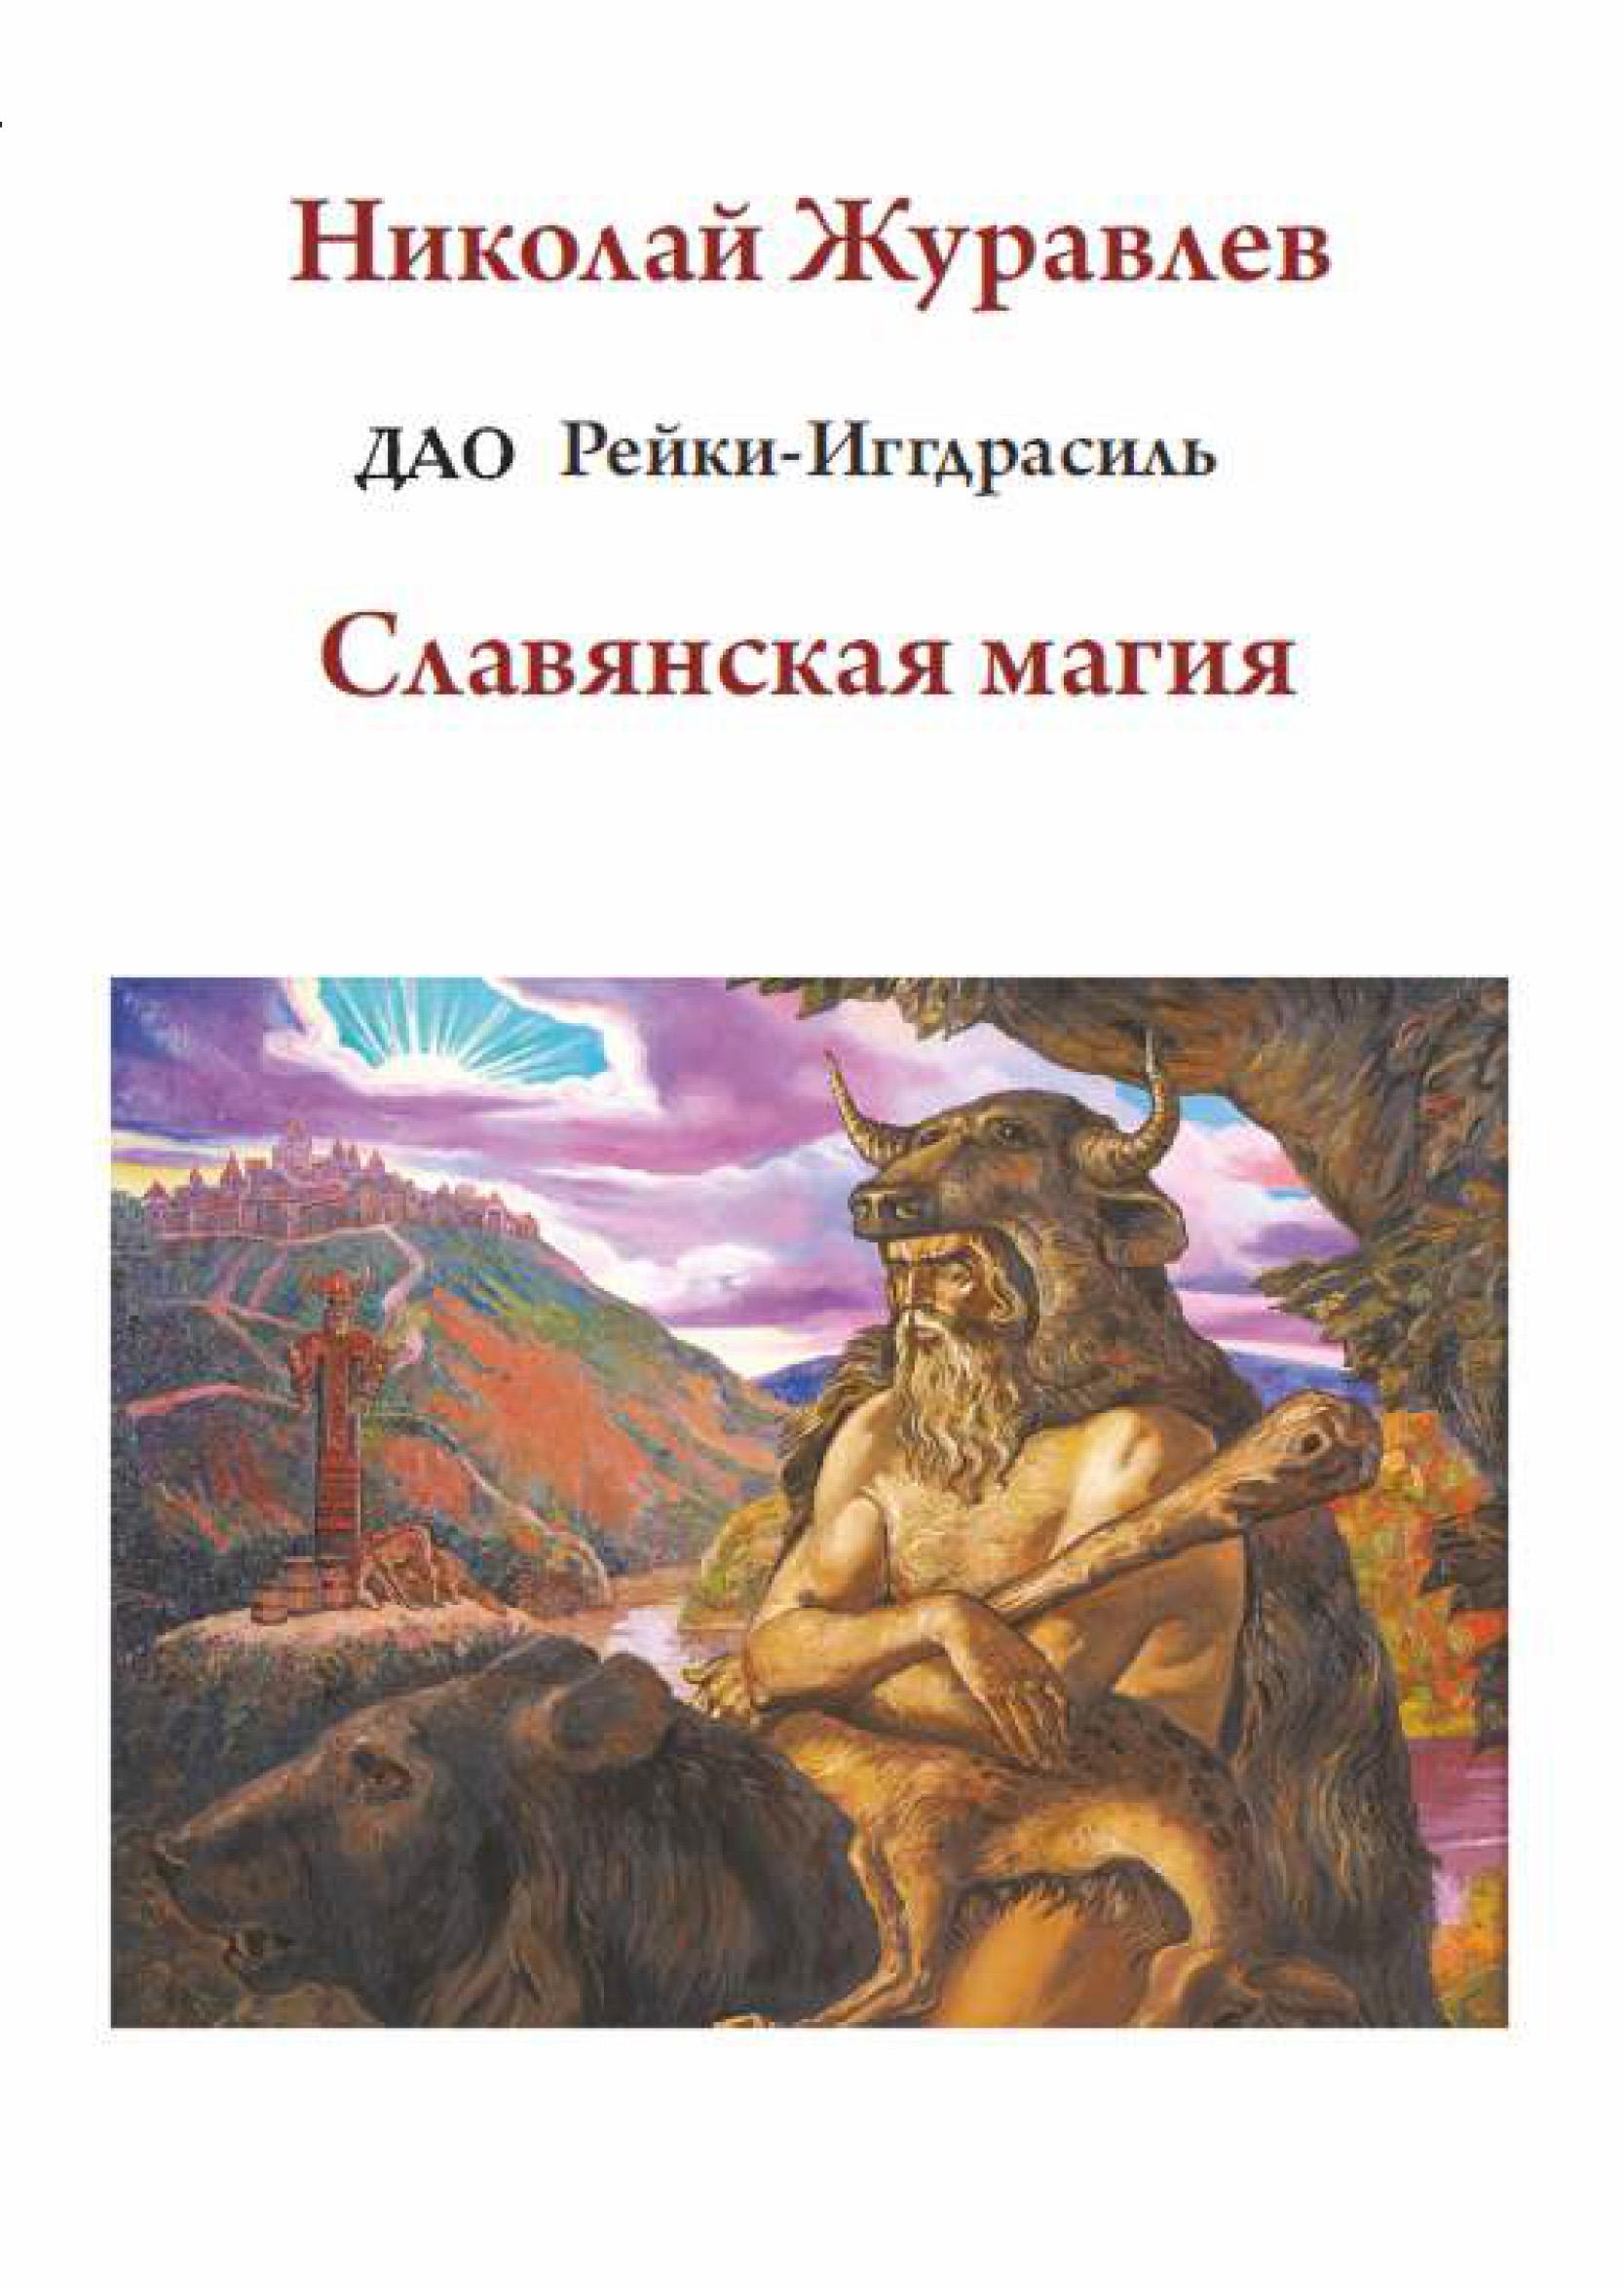 Николай Журавлев Дао Рейки-Иггдрасиль. Блок «Славянская магия»